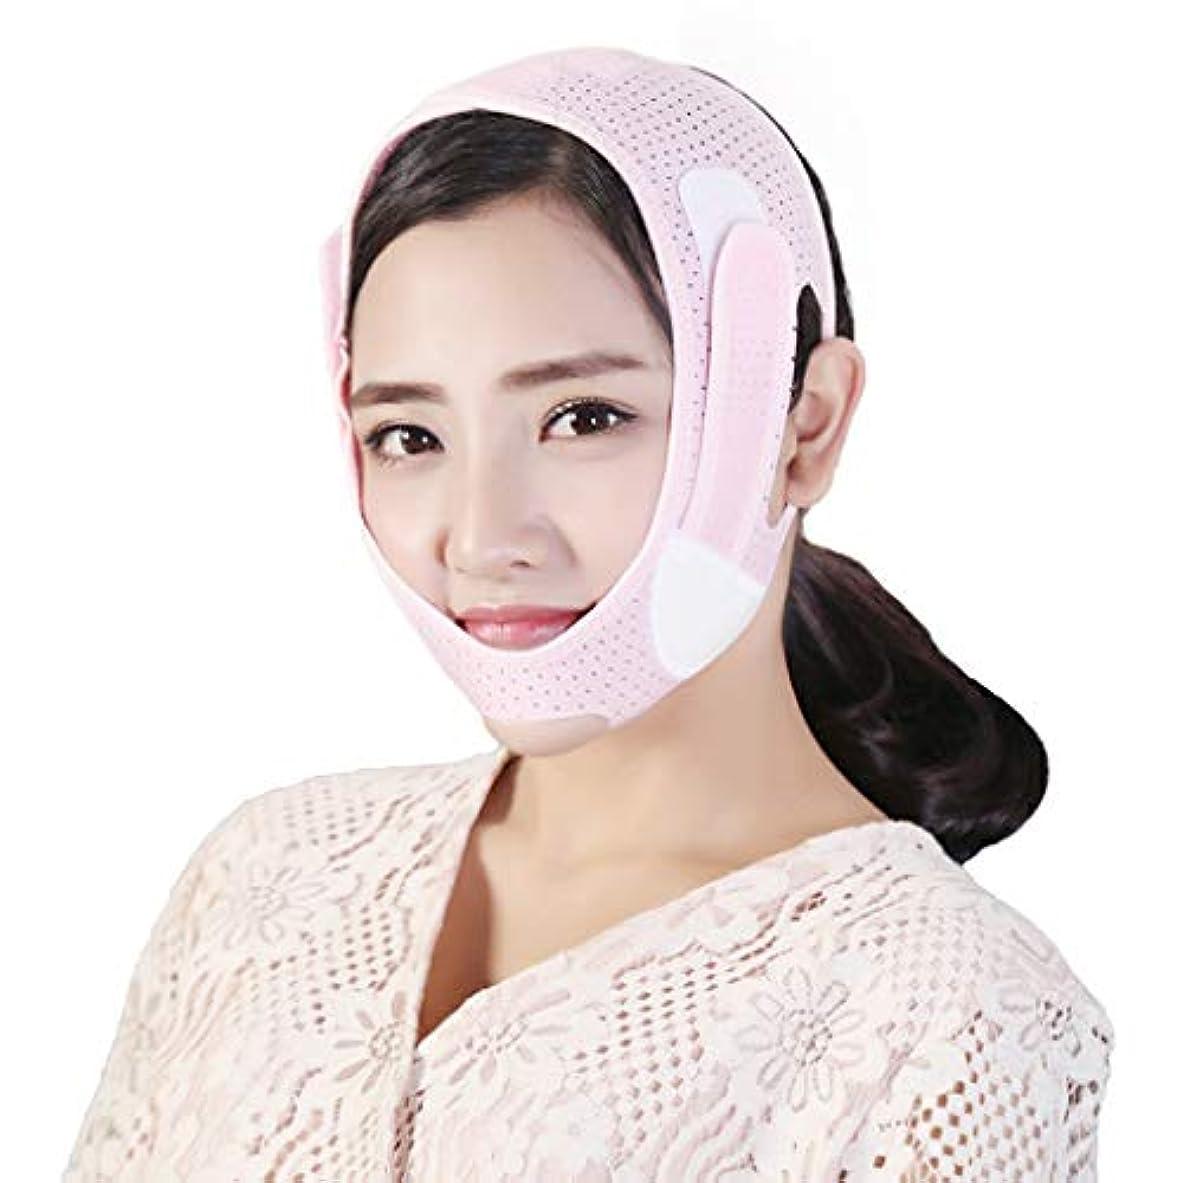 洗剤買い物に行くあざ減量マスク薄い顔のマスクV顔の薄い顔の咬筋ダブル顎の包帯睡眠マスクの通気性